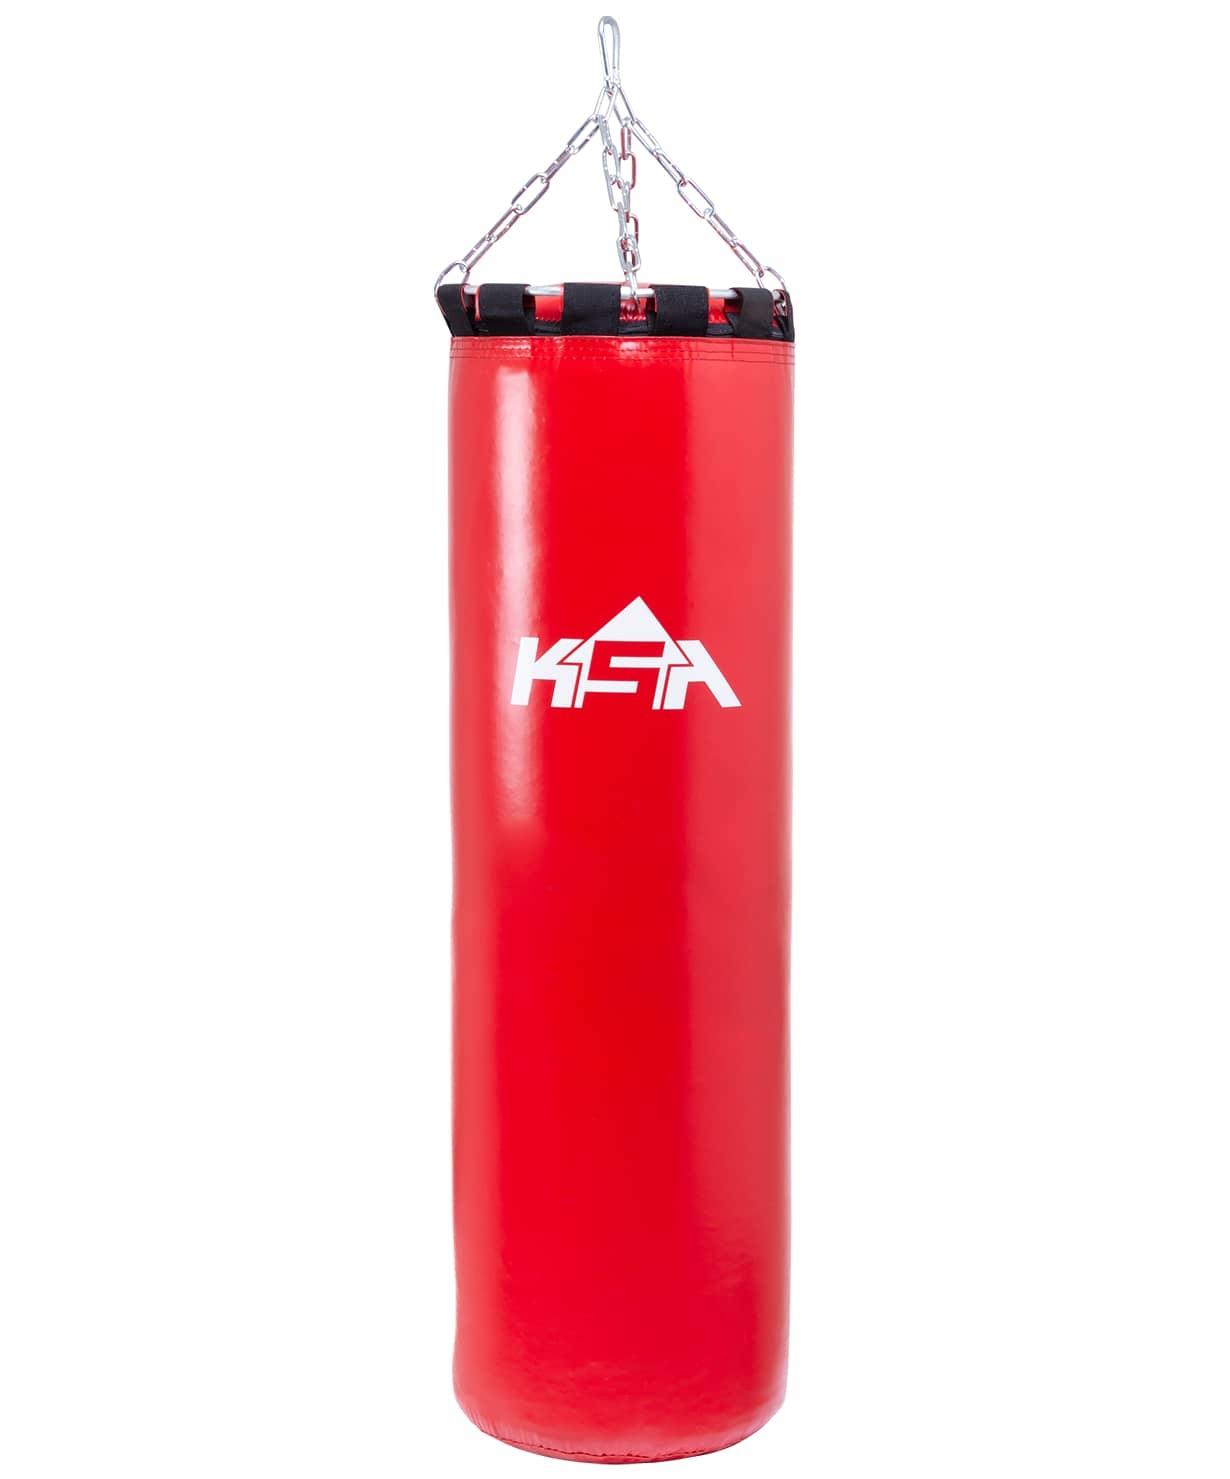 Мешок боксерский PB-01, 150 см, 80 кг, тент, красный